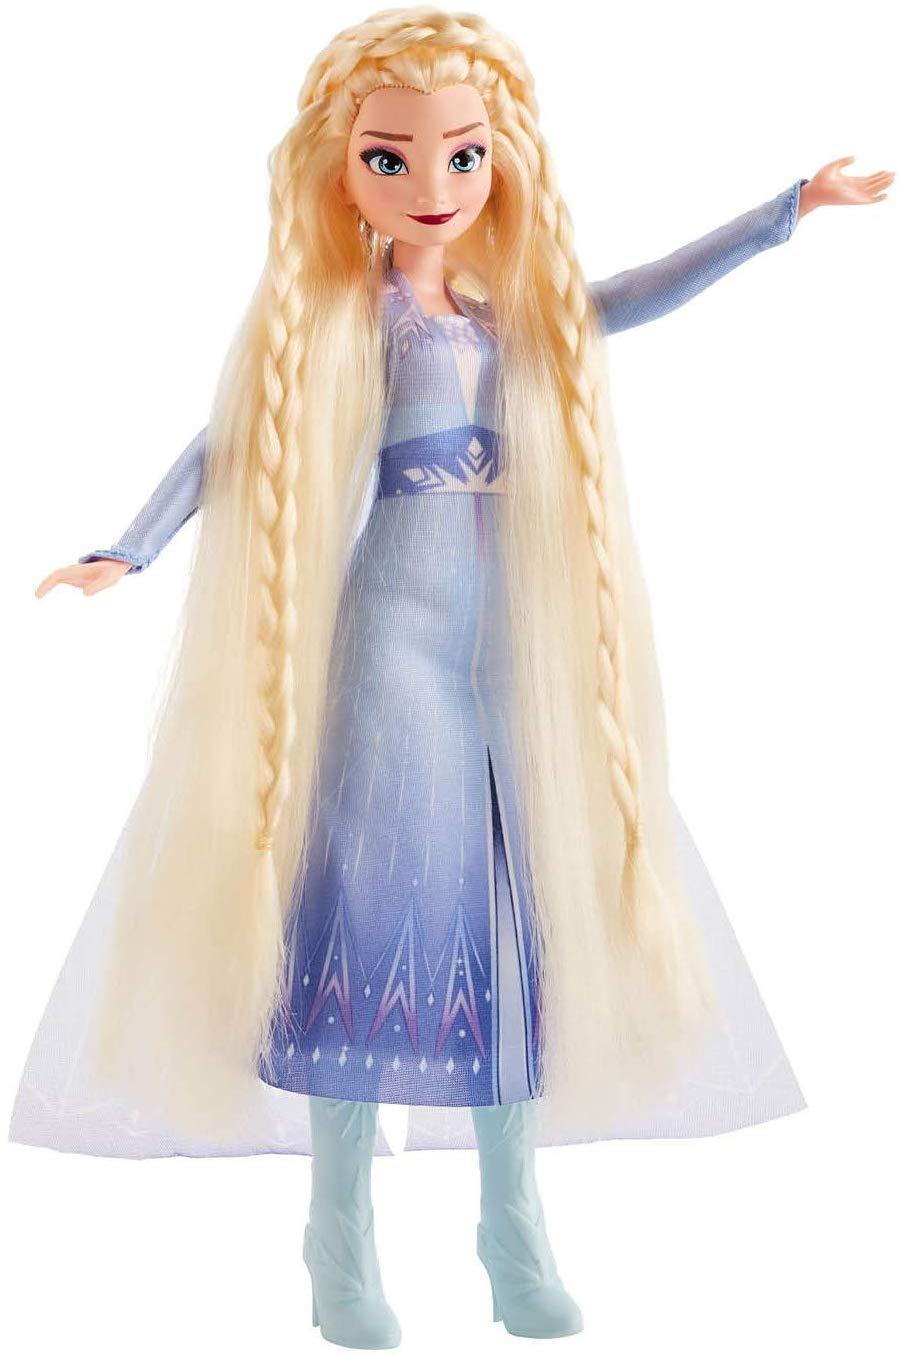 Dukke med Hår Styler - Elsa